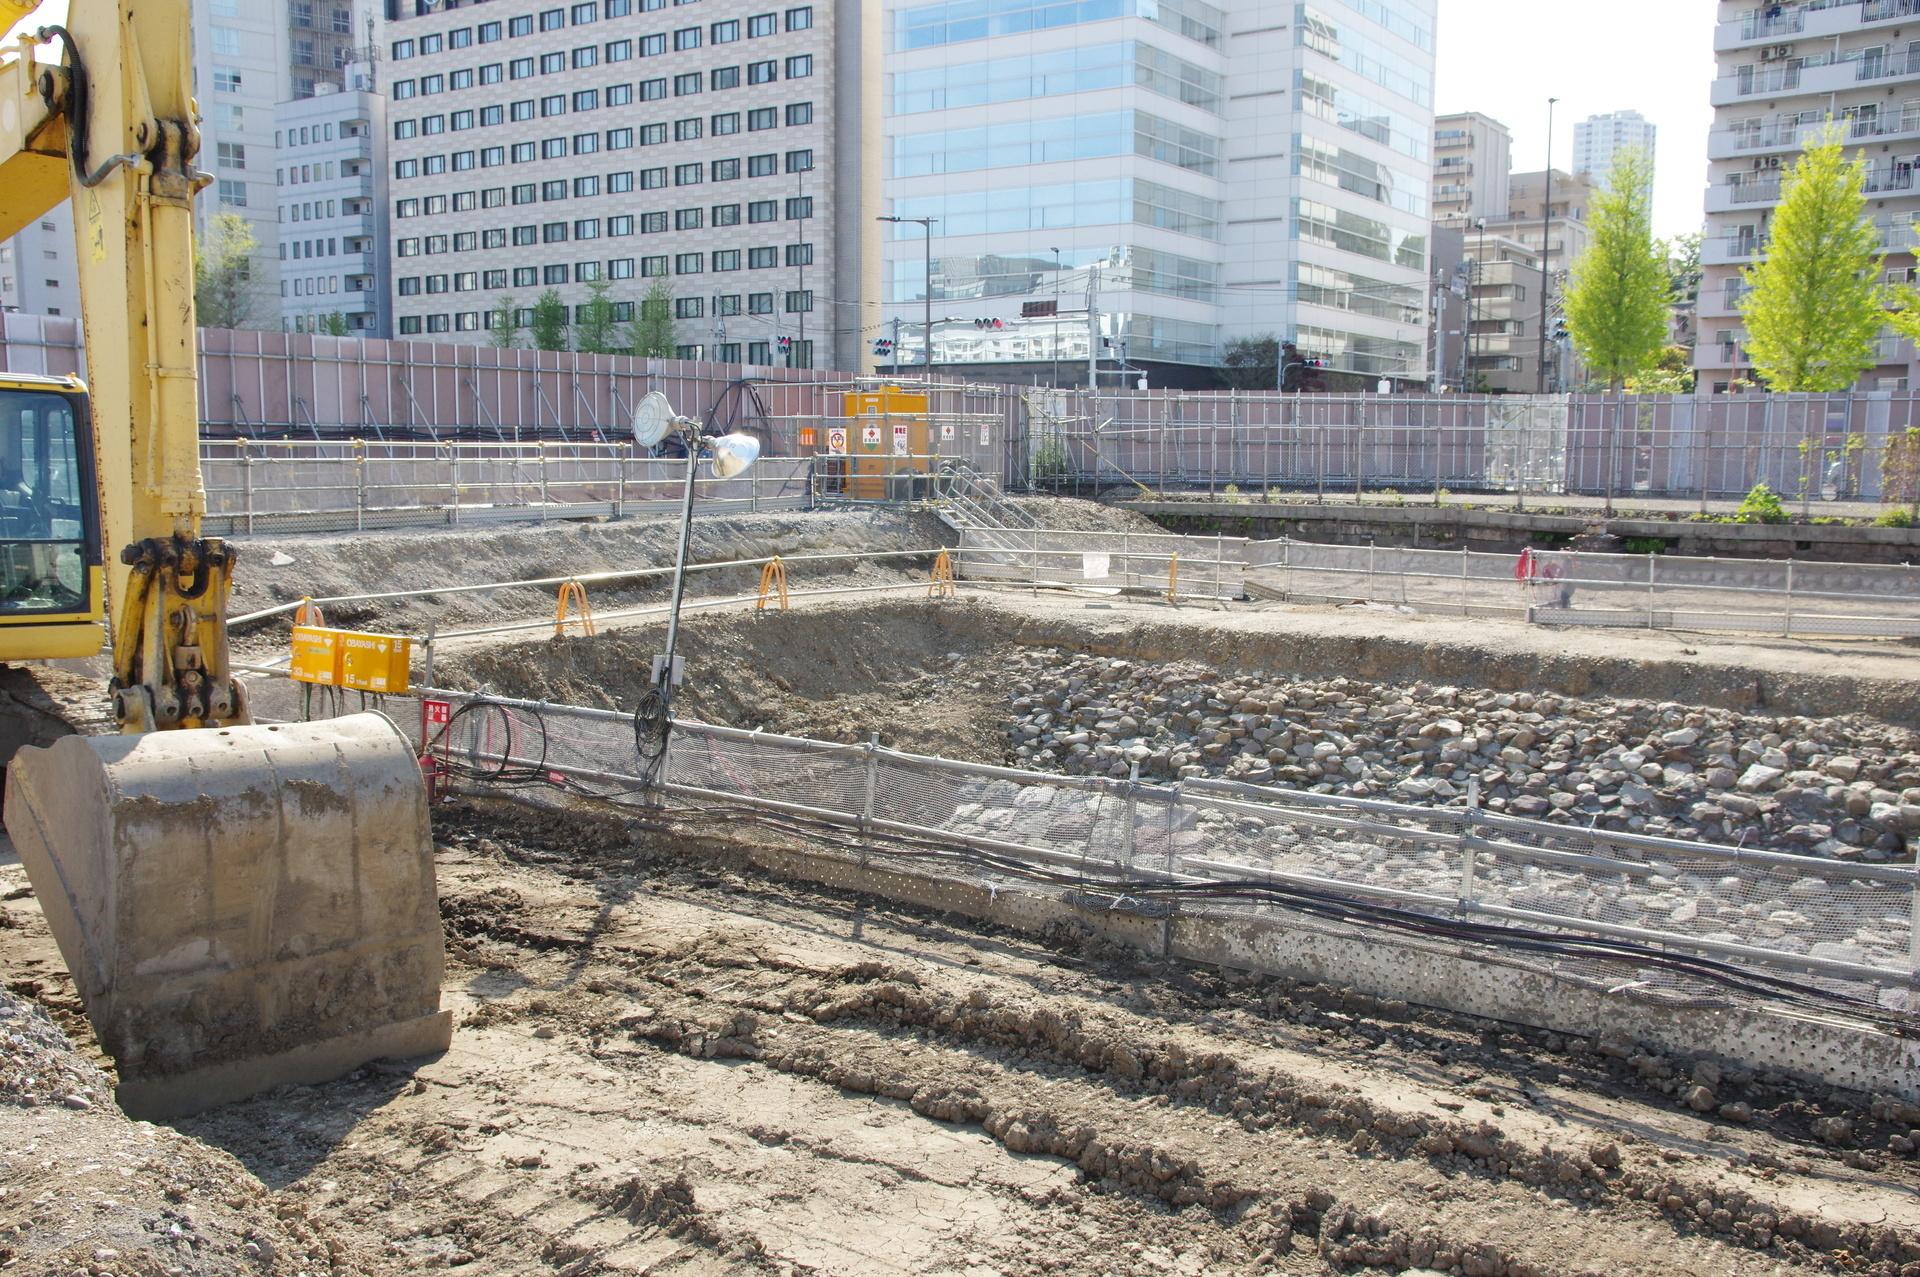 4街区の築堤掘削部終端